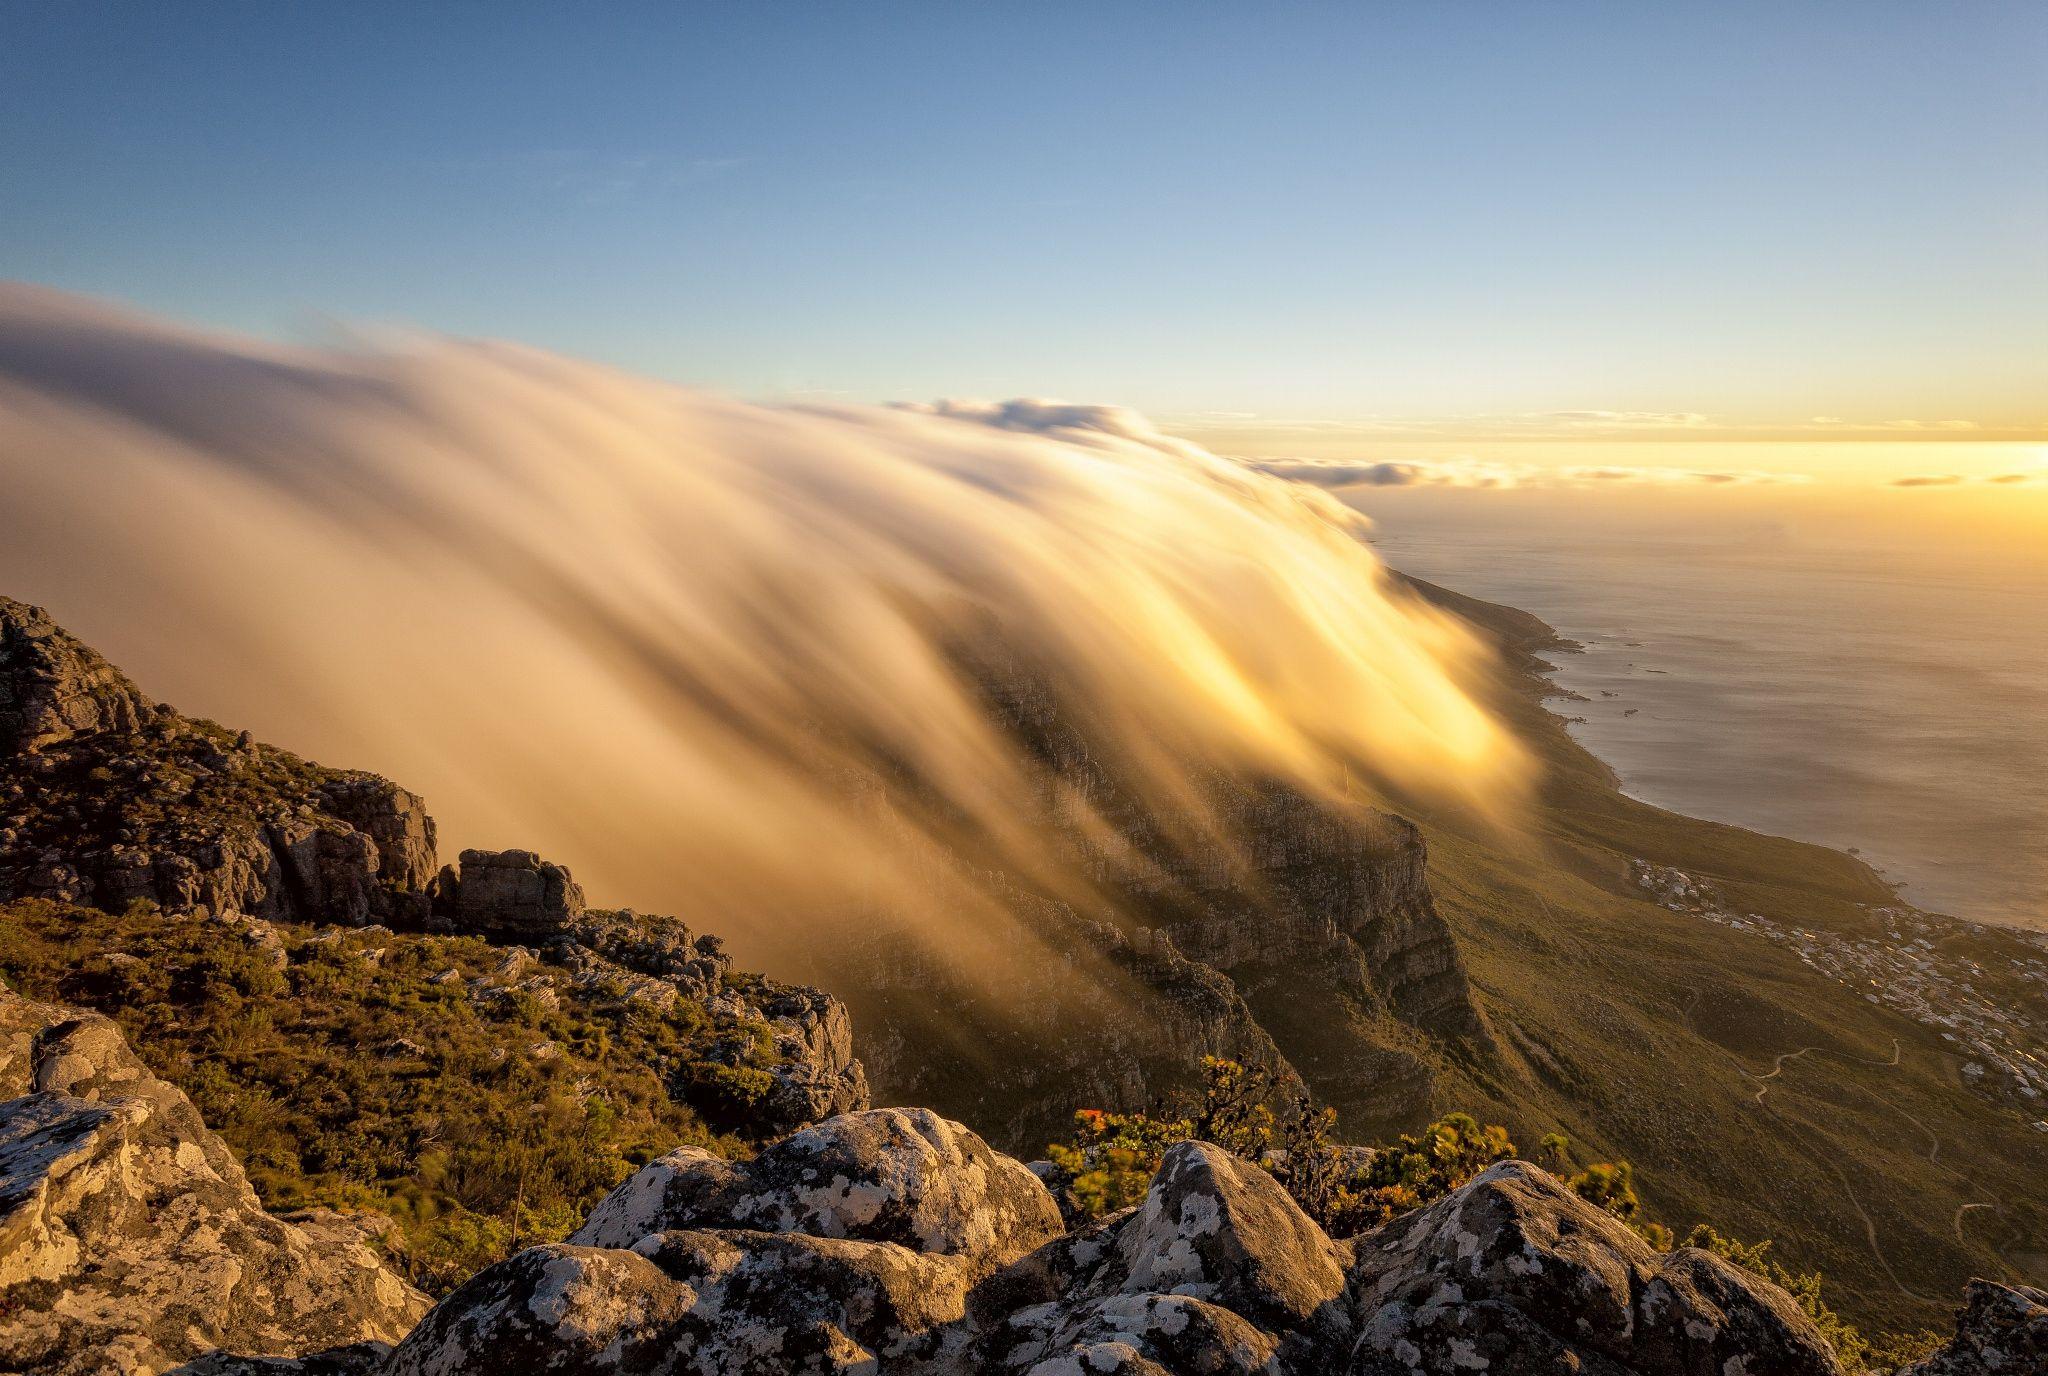 Golden Cloud River by PJ van Schalkwyk on 500px